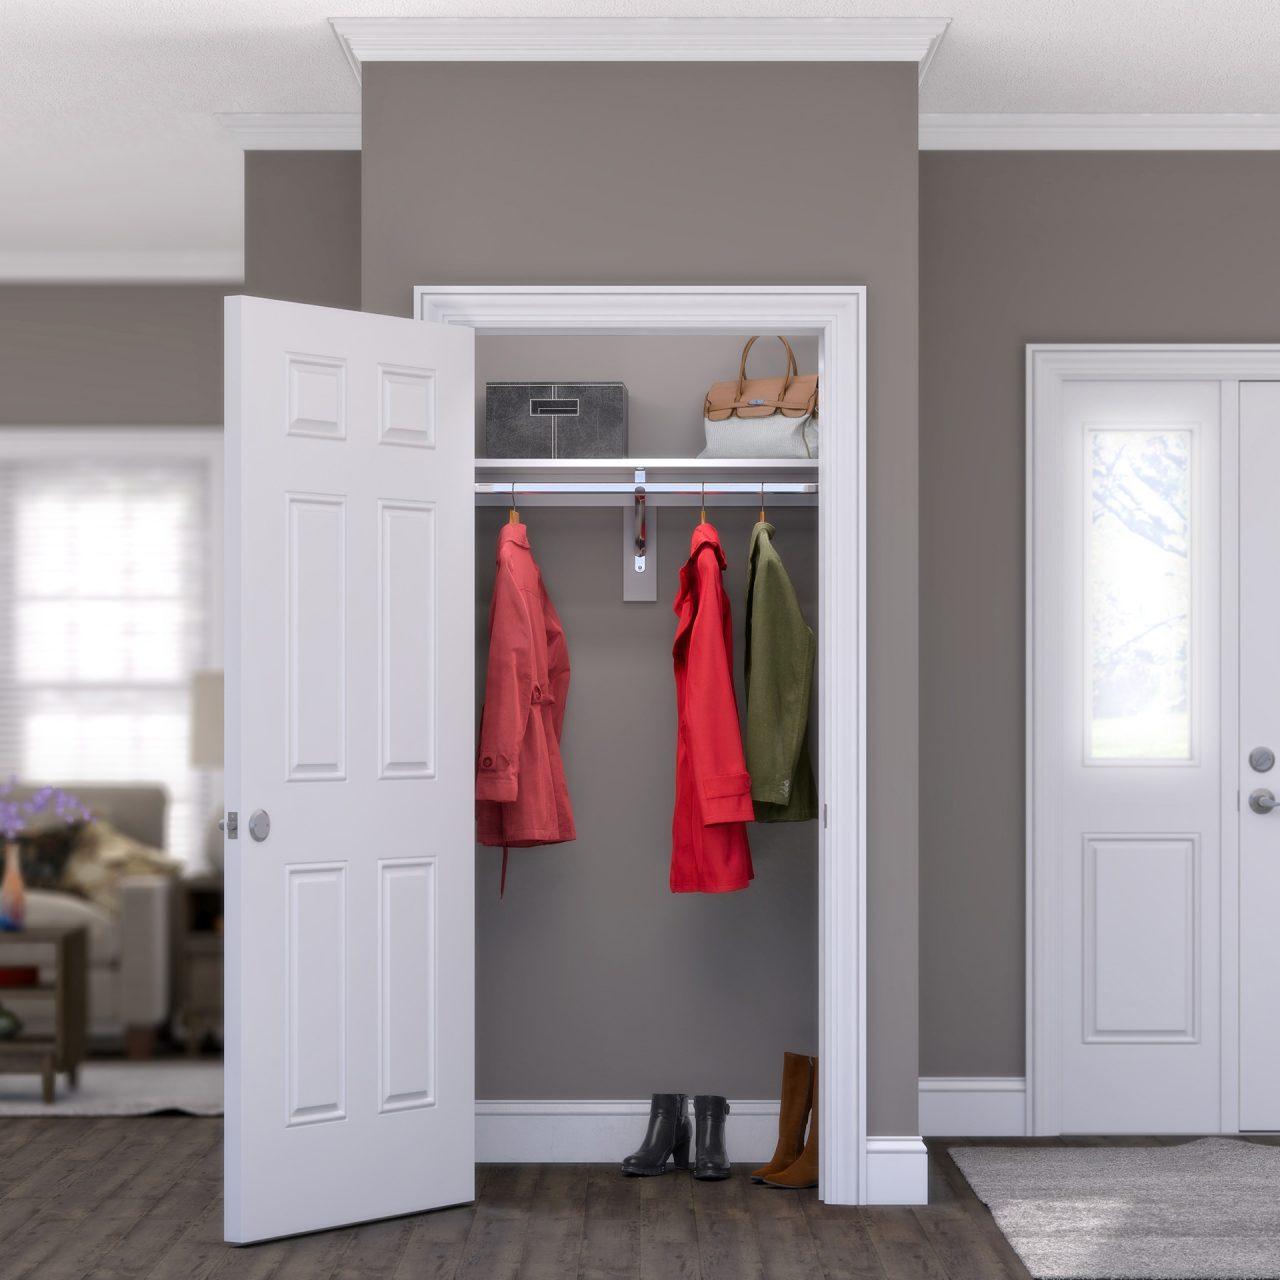 Coat closets